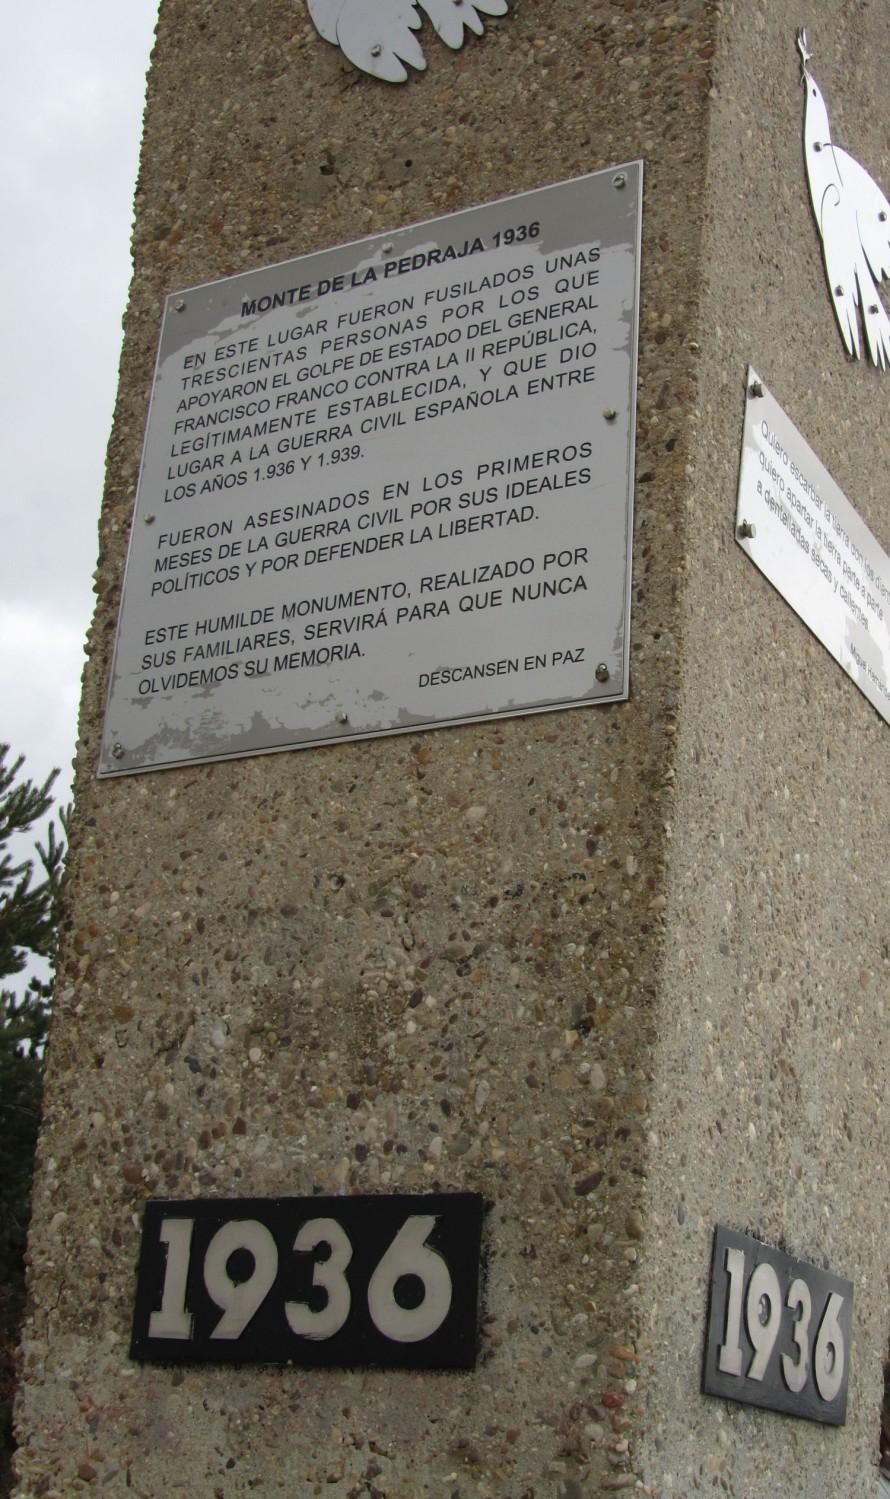 Camino-De-Santiago-Memorials-Civil-War